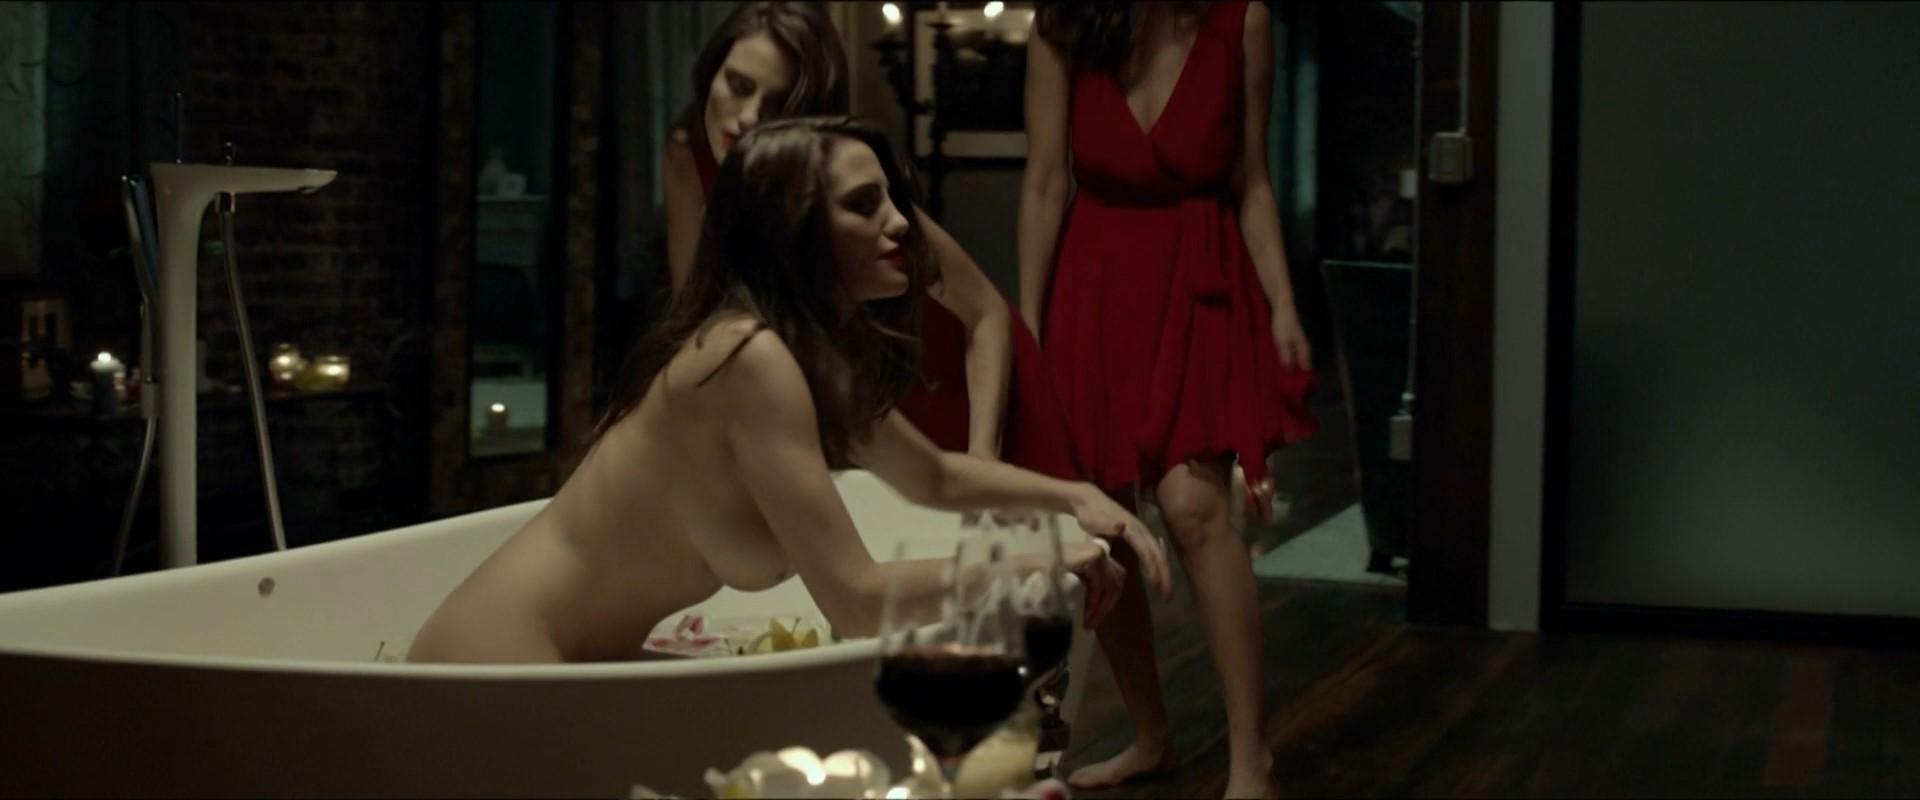 Moraes nude luisa